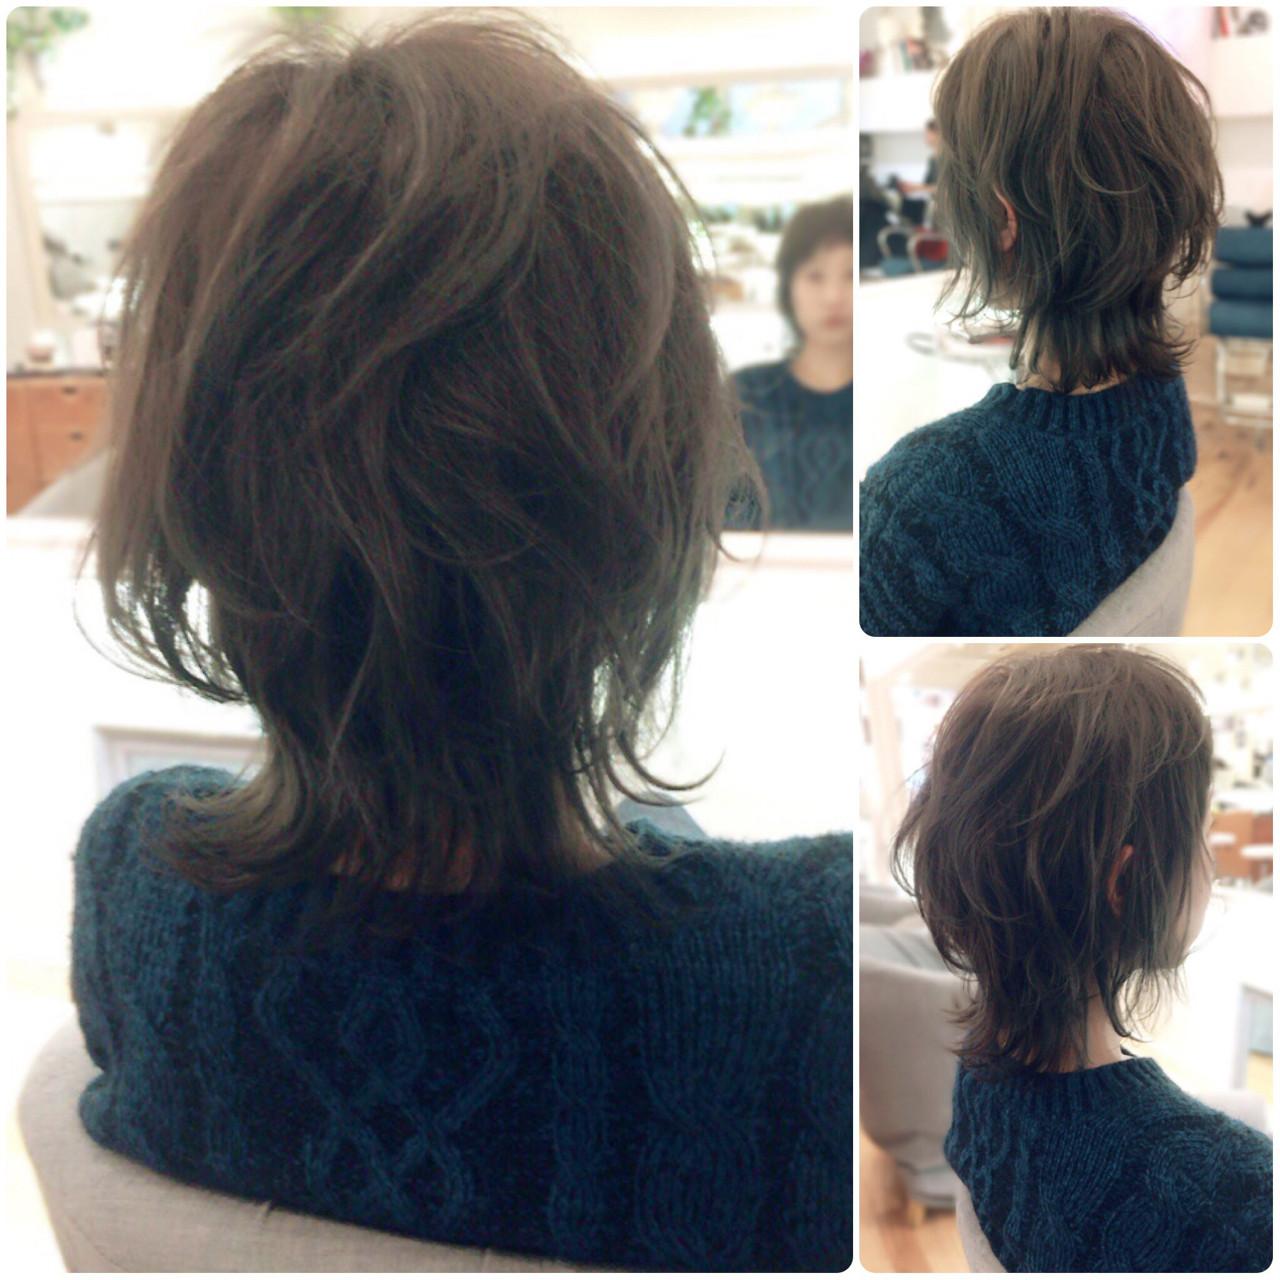 マッシュ ミディアム ウルフカット ストリート ヘアスタイルや髪型の写真・画像 | イマムラ スナオ / LUKE